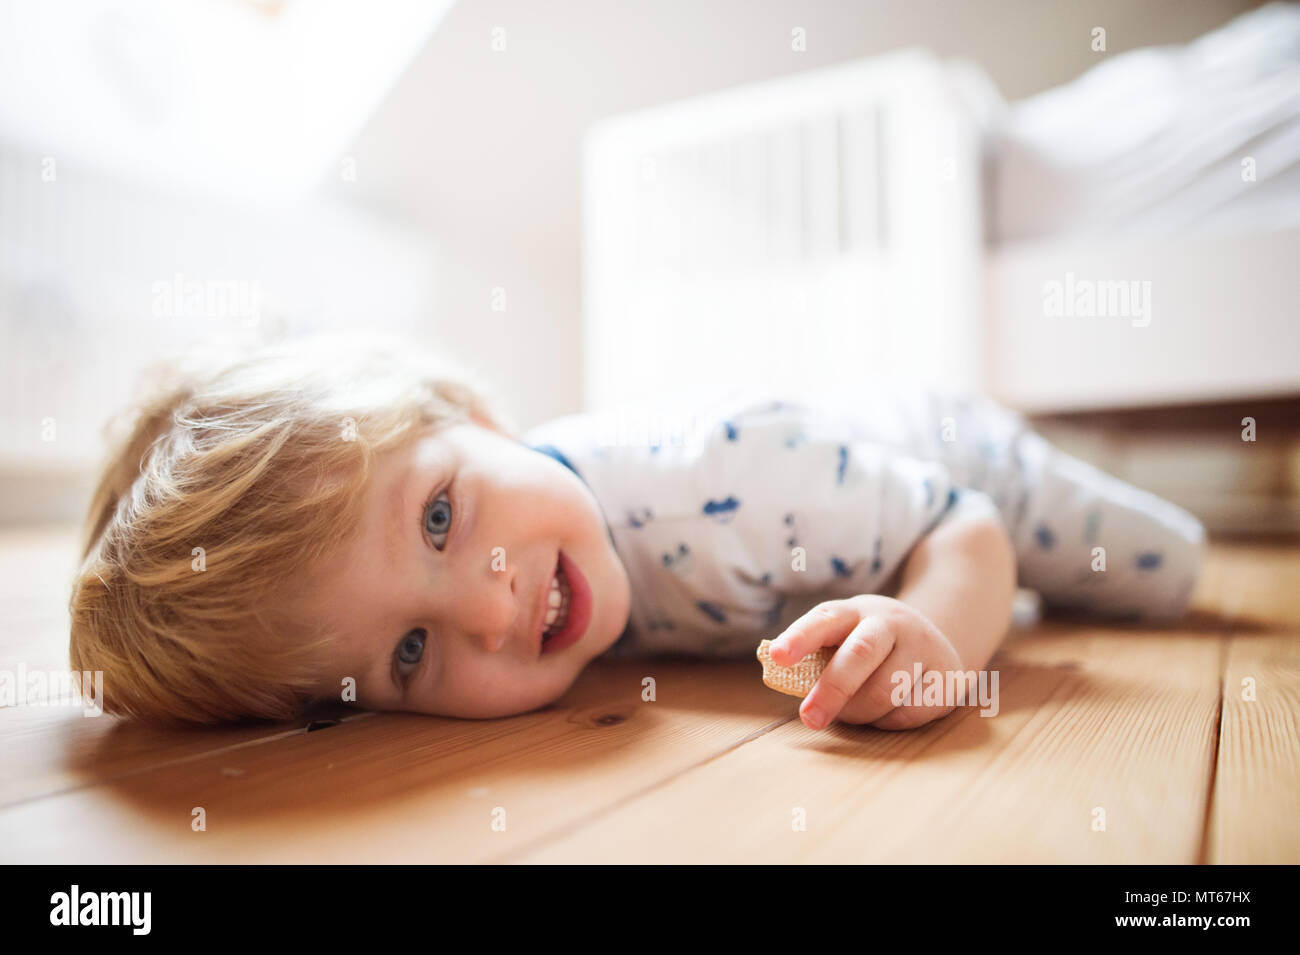 Un bimbo piccolo ragazzo sul pavimento in camera da letto a casa. Immagini Stock